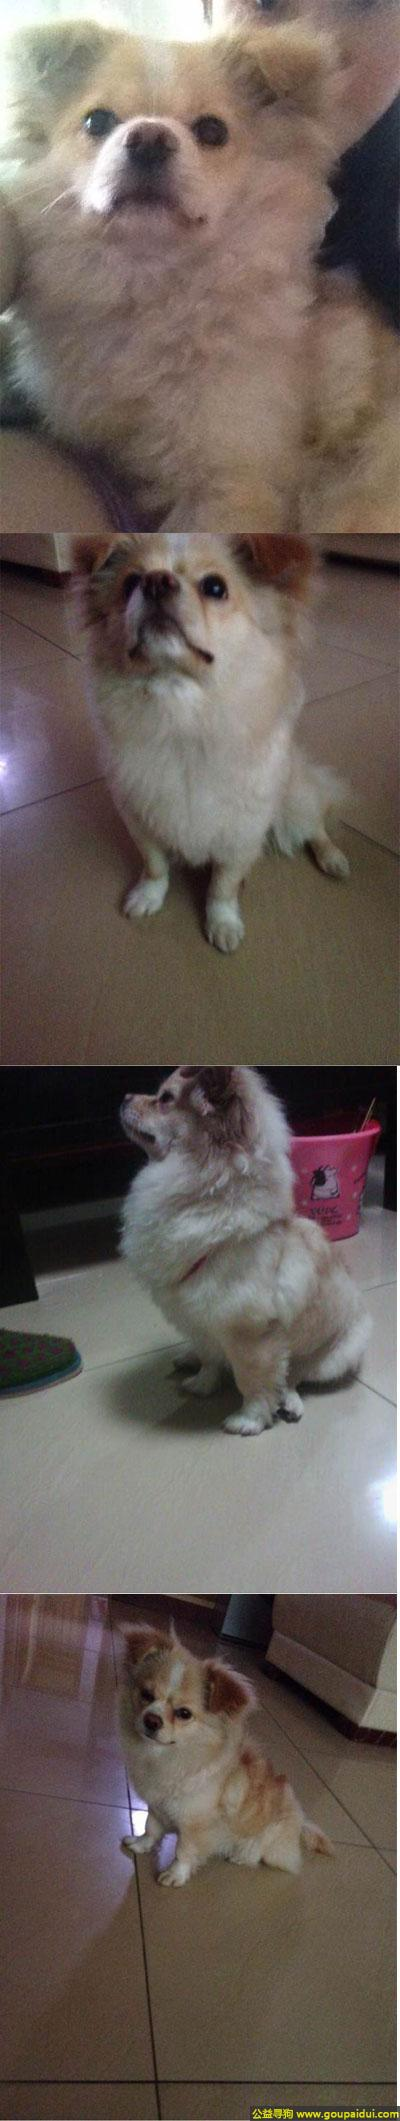 ,川巴中市平昌县寻狗名叫花花住在二中到三江大道附近的留意下,它是一只非常可爱的宠物狗狗,希望它早日回家,不要变成流浪狗。